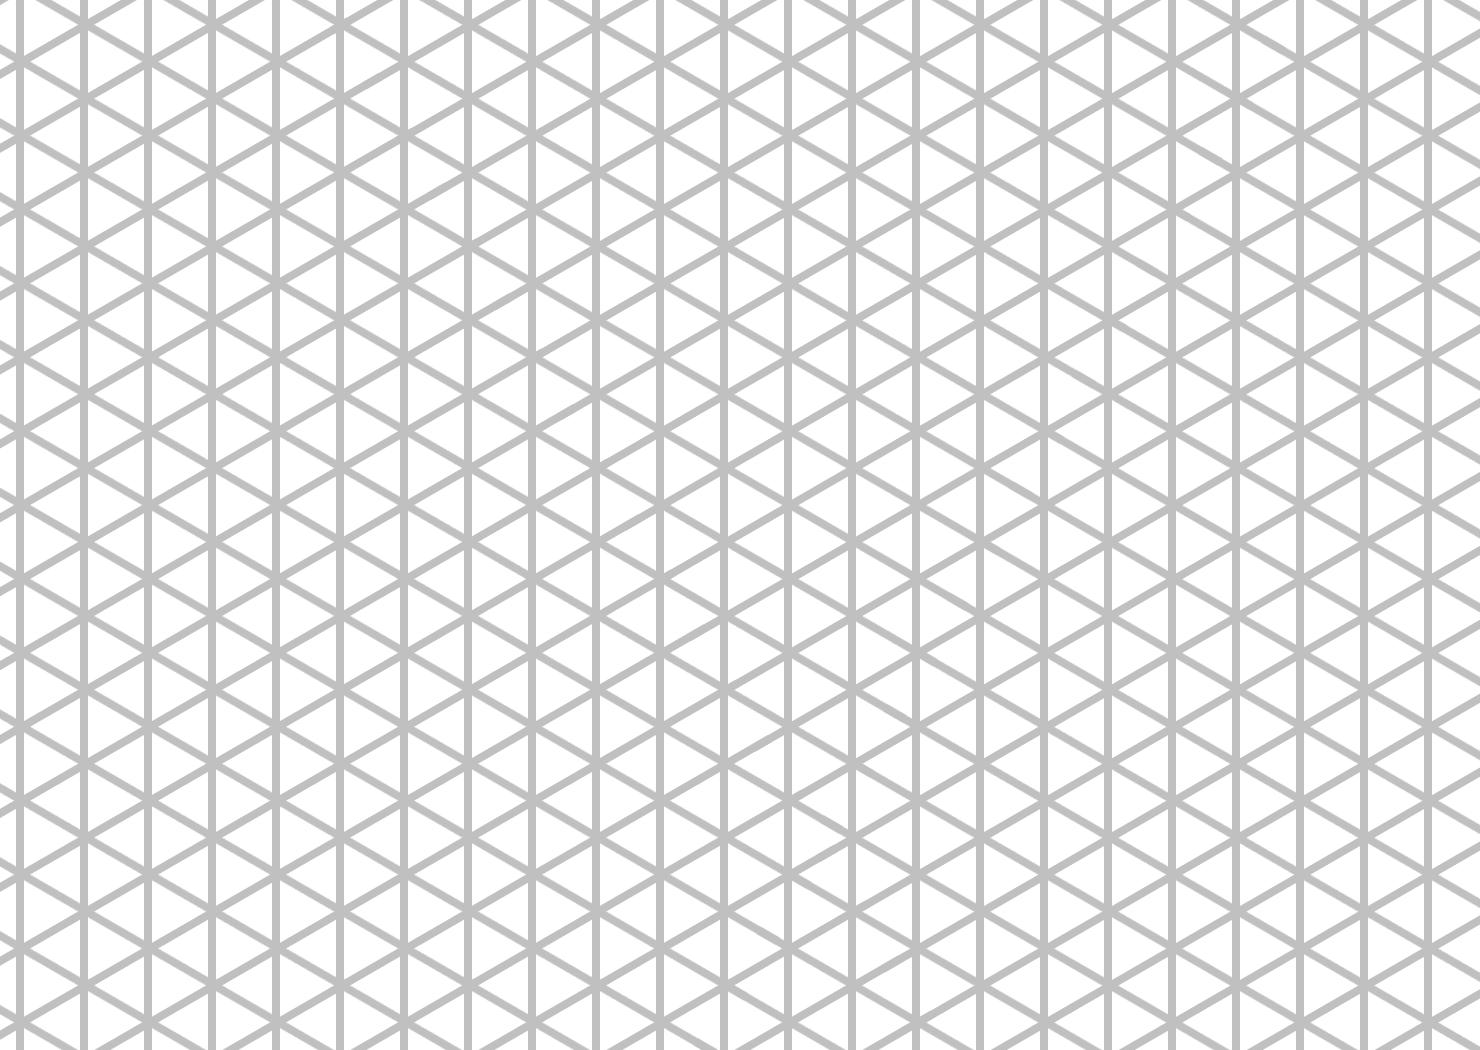 リフ編み用の自作製図用紙